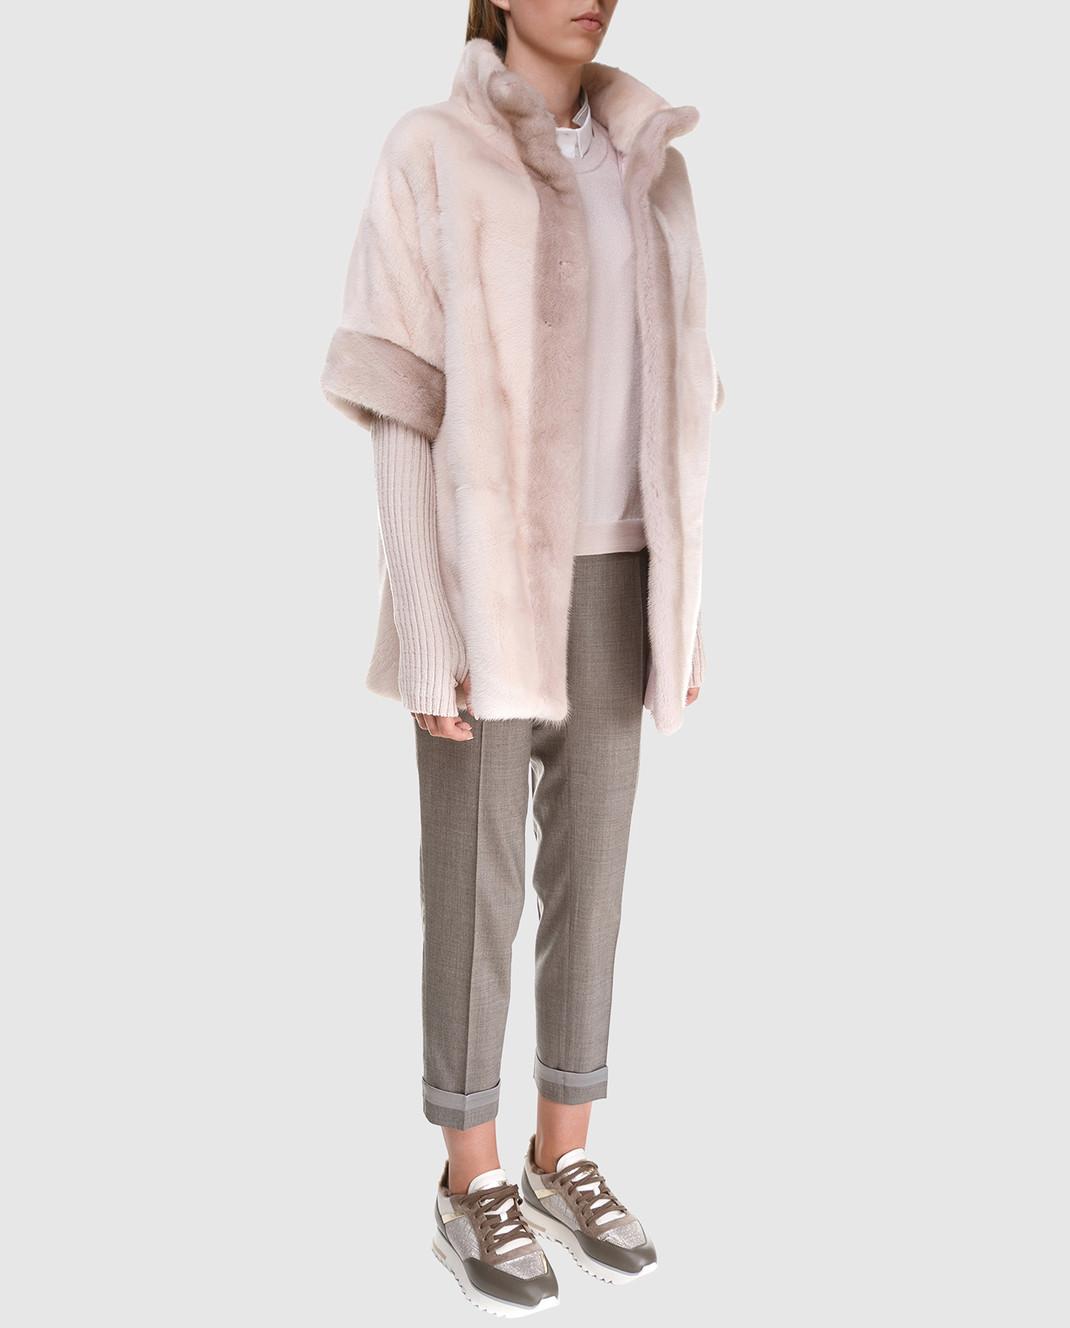 Florence Mode Пудровый полушубок из меха норки с митенками L1808BIS изображение 2